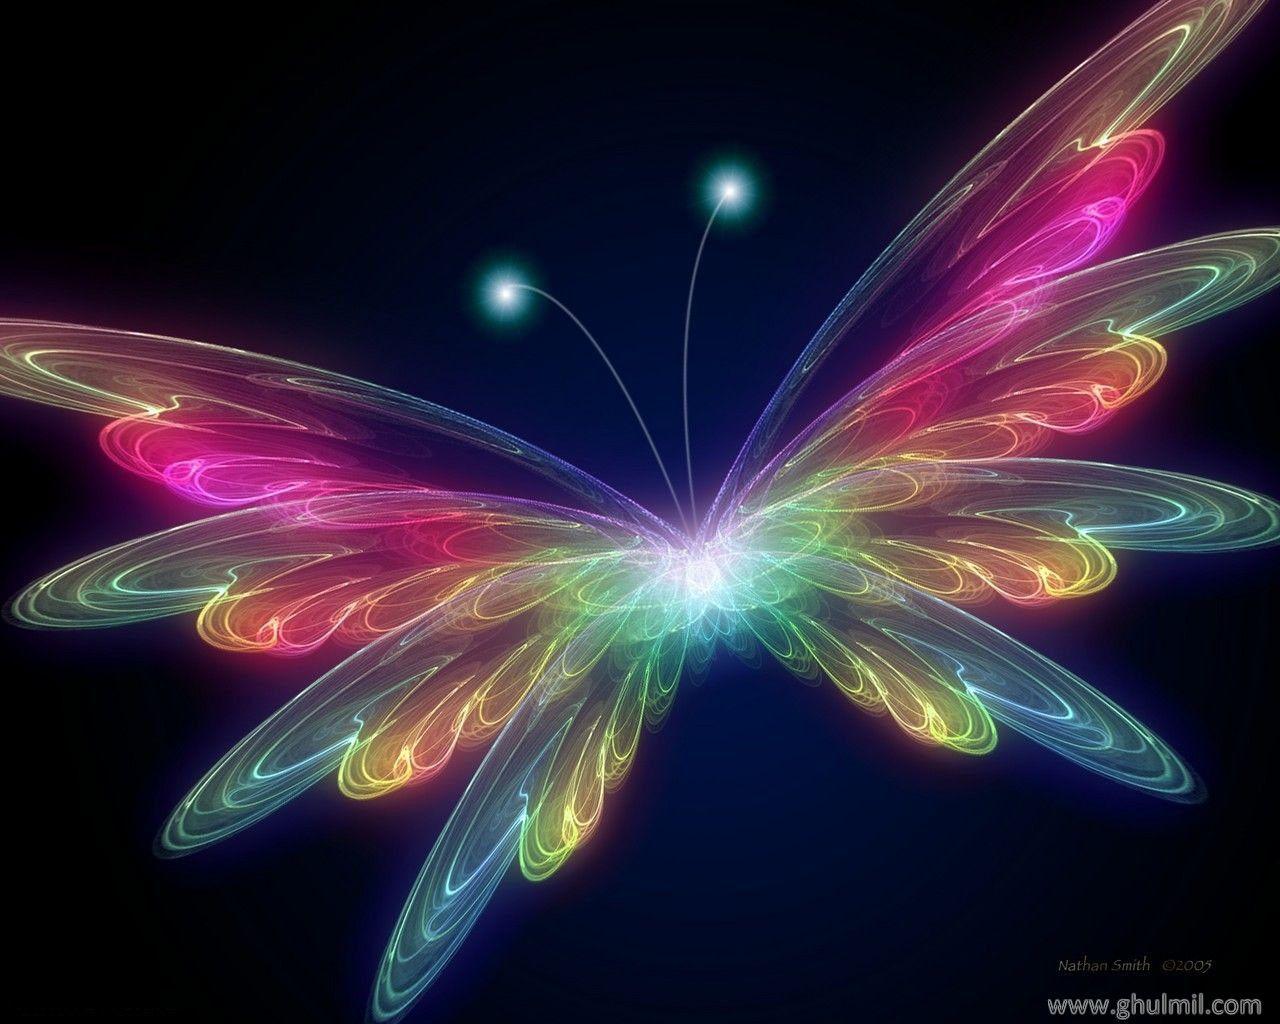 Butterfly Wallpaper Rainbow Butterfly Wallpaper Hd: Colorful Desktop Backgrounds